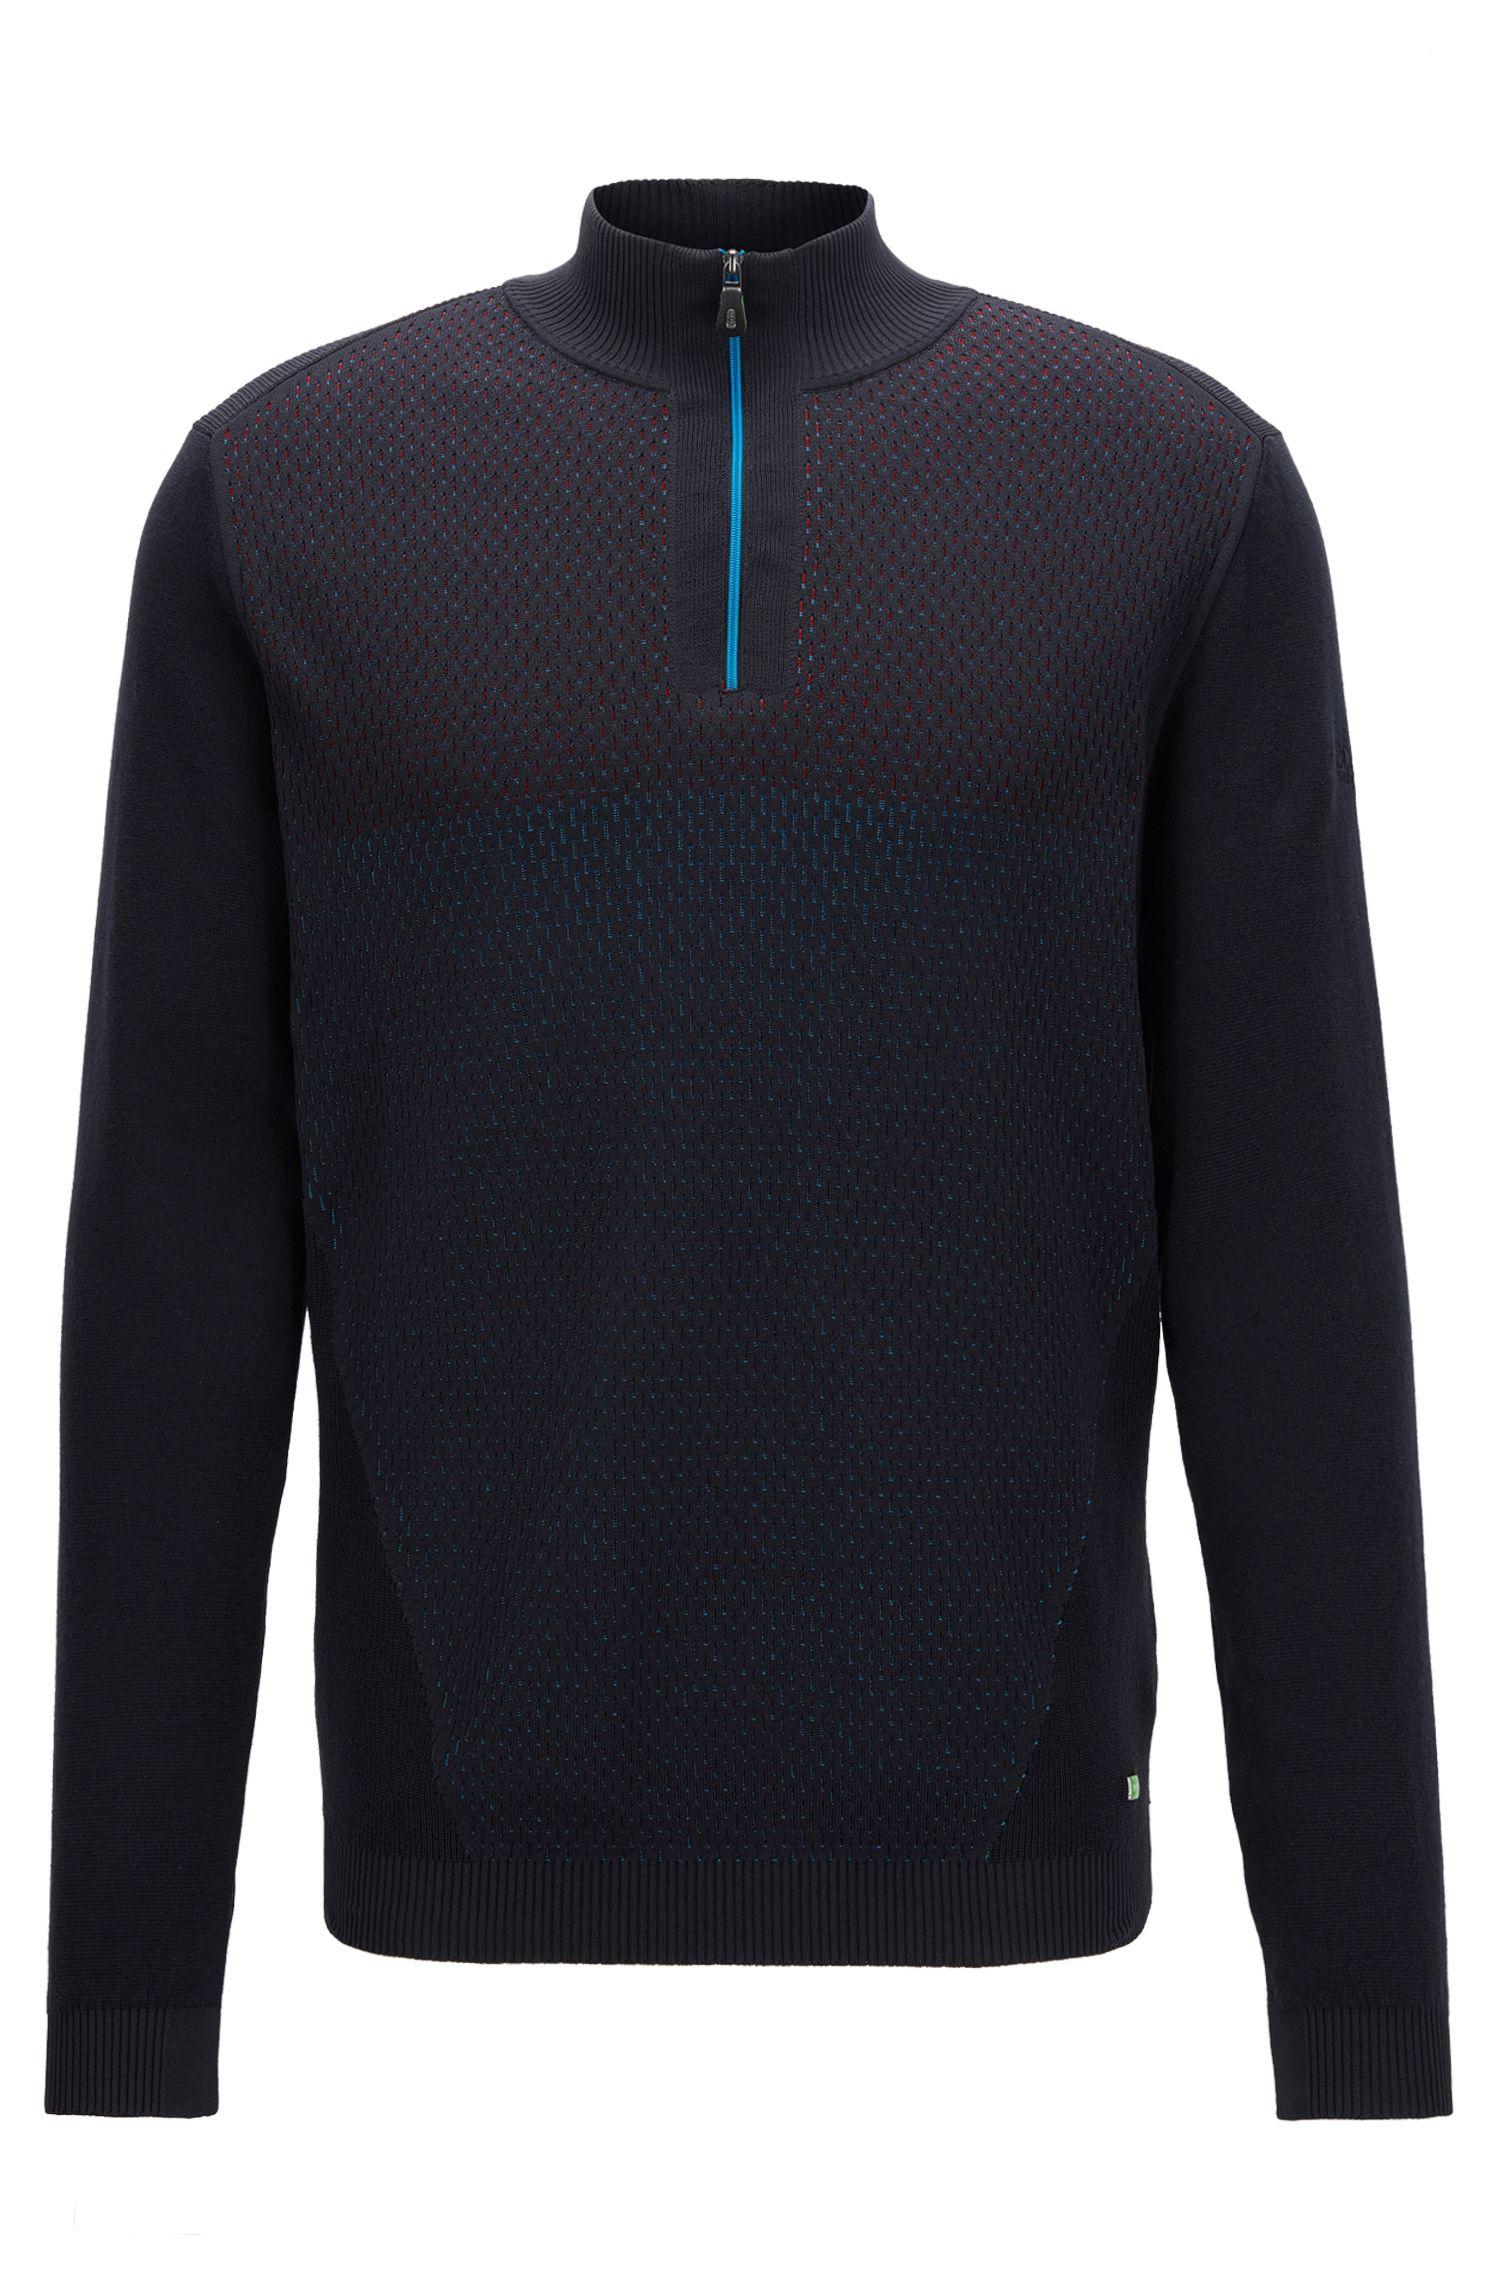 Jersey de cuello con cremallera en mezcla de algodón